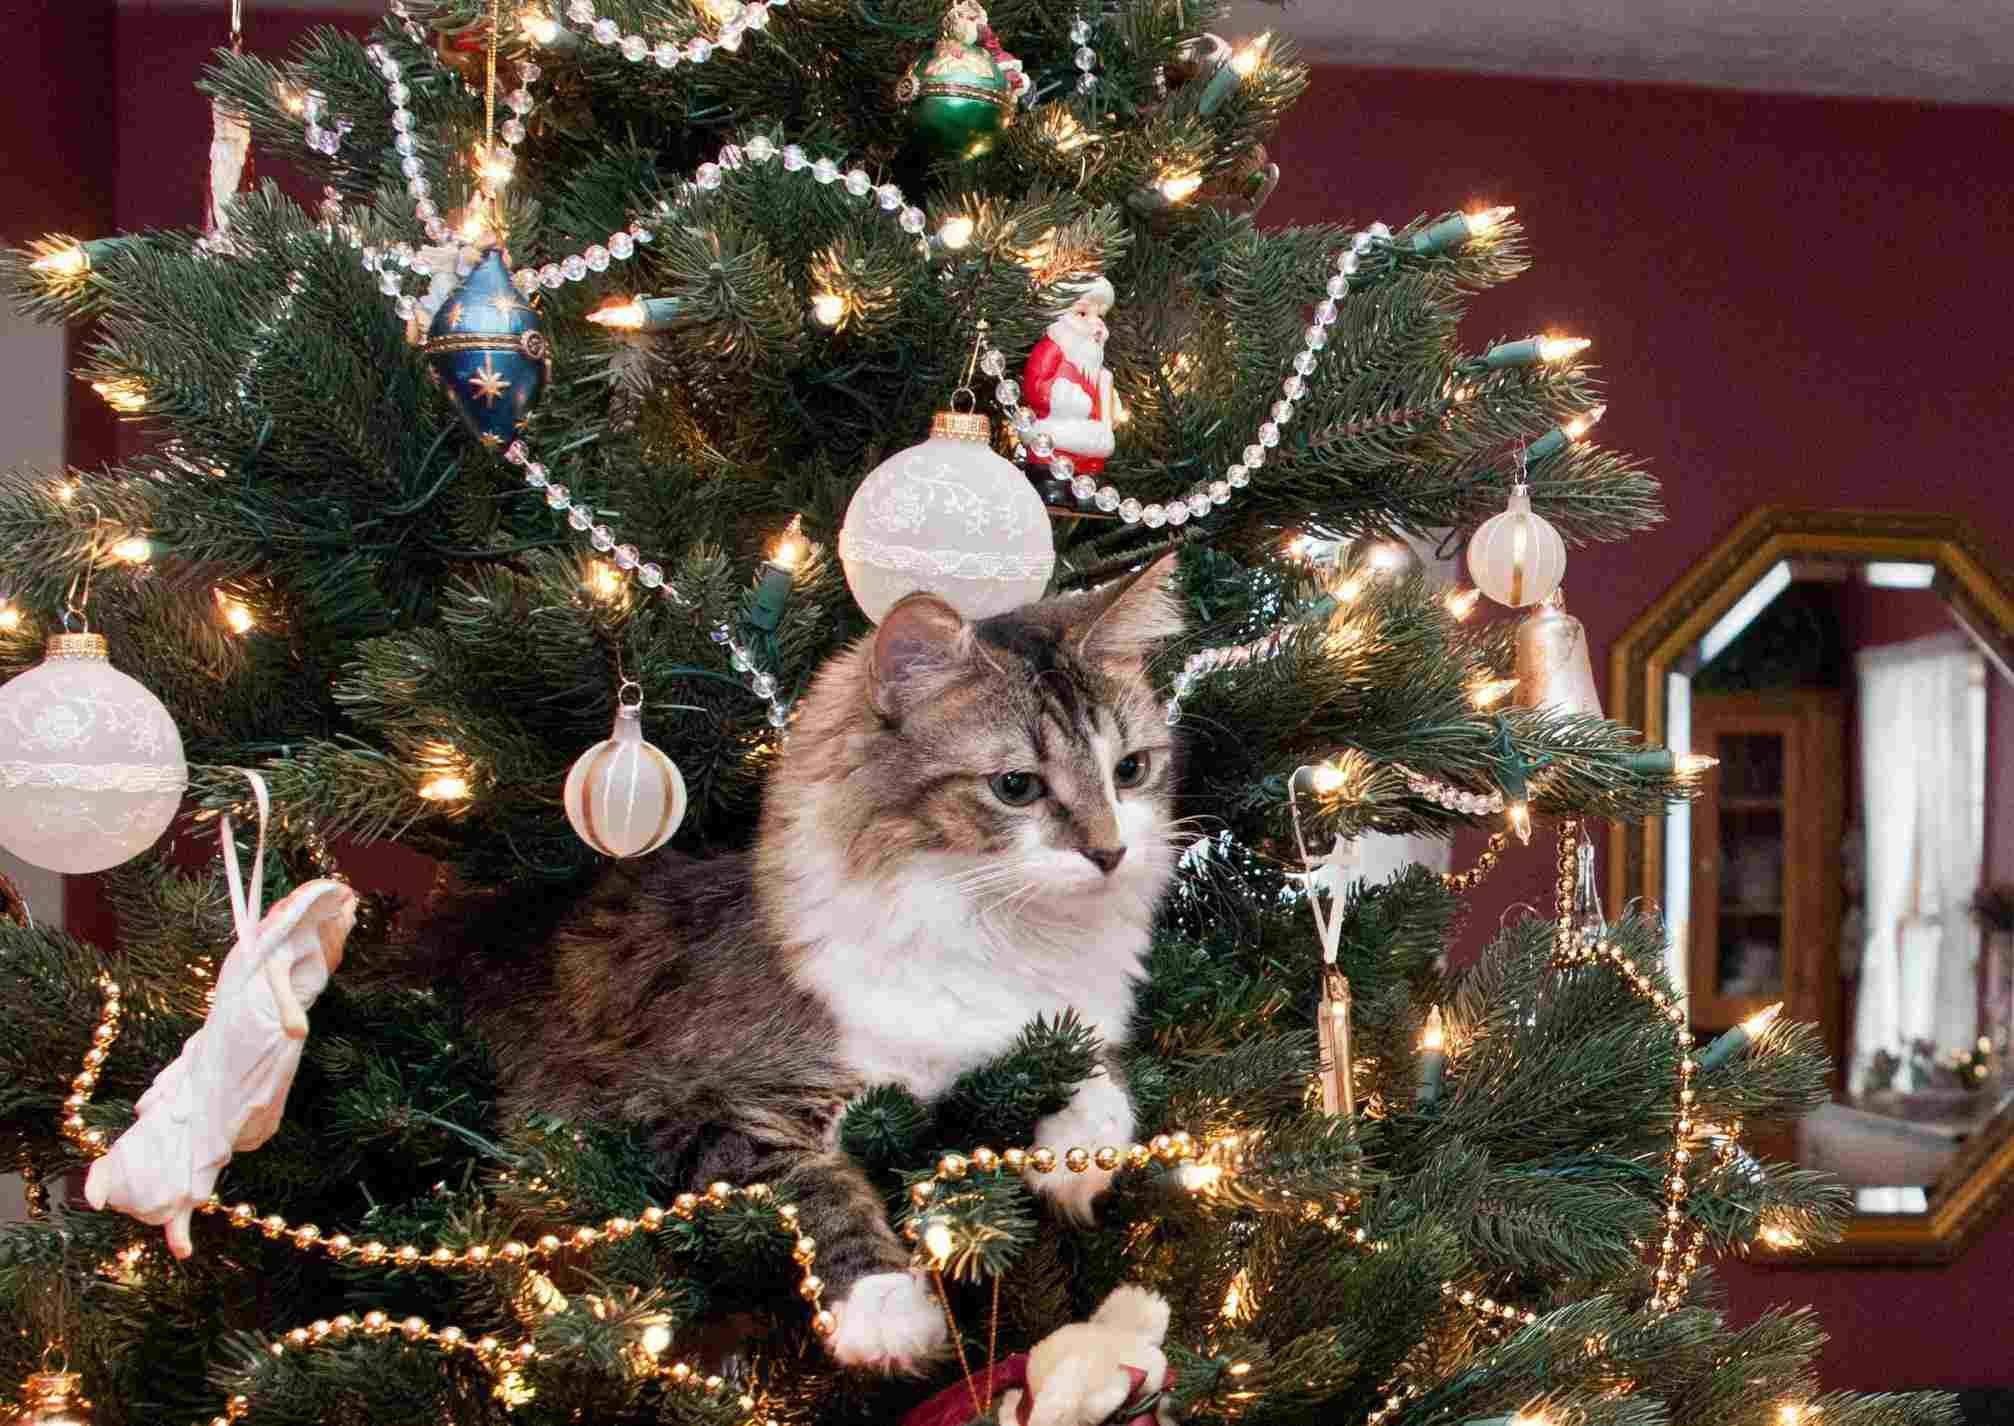 A cat inside a Christmas tree